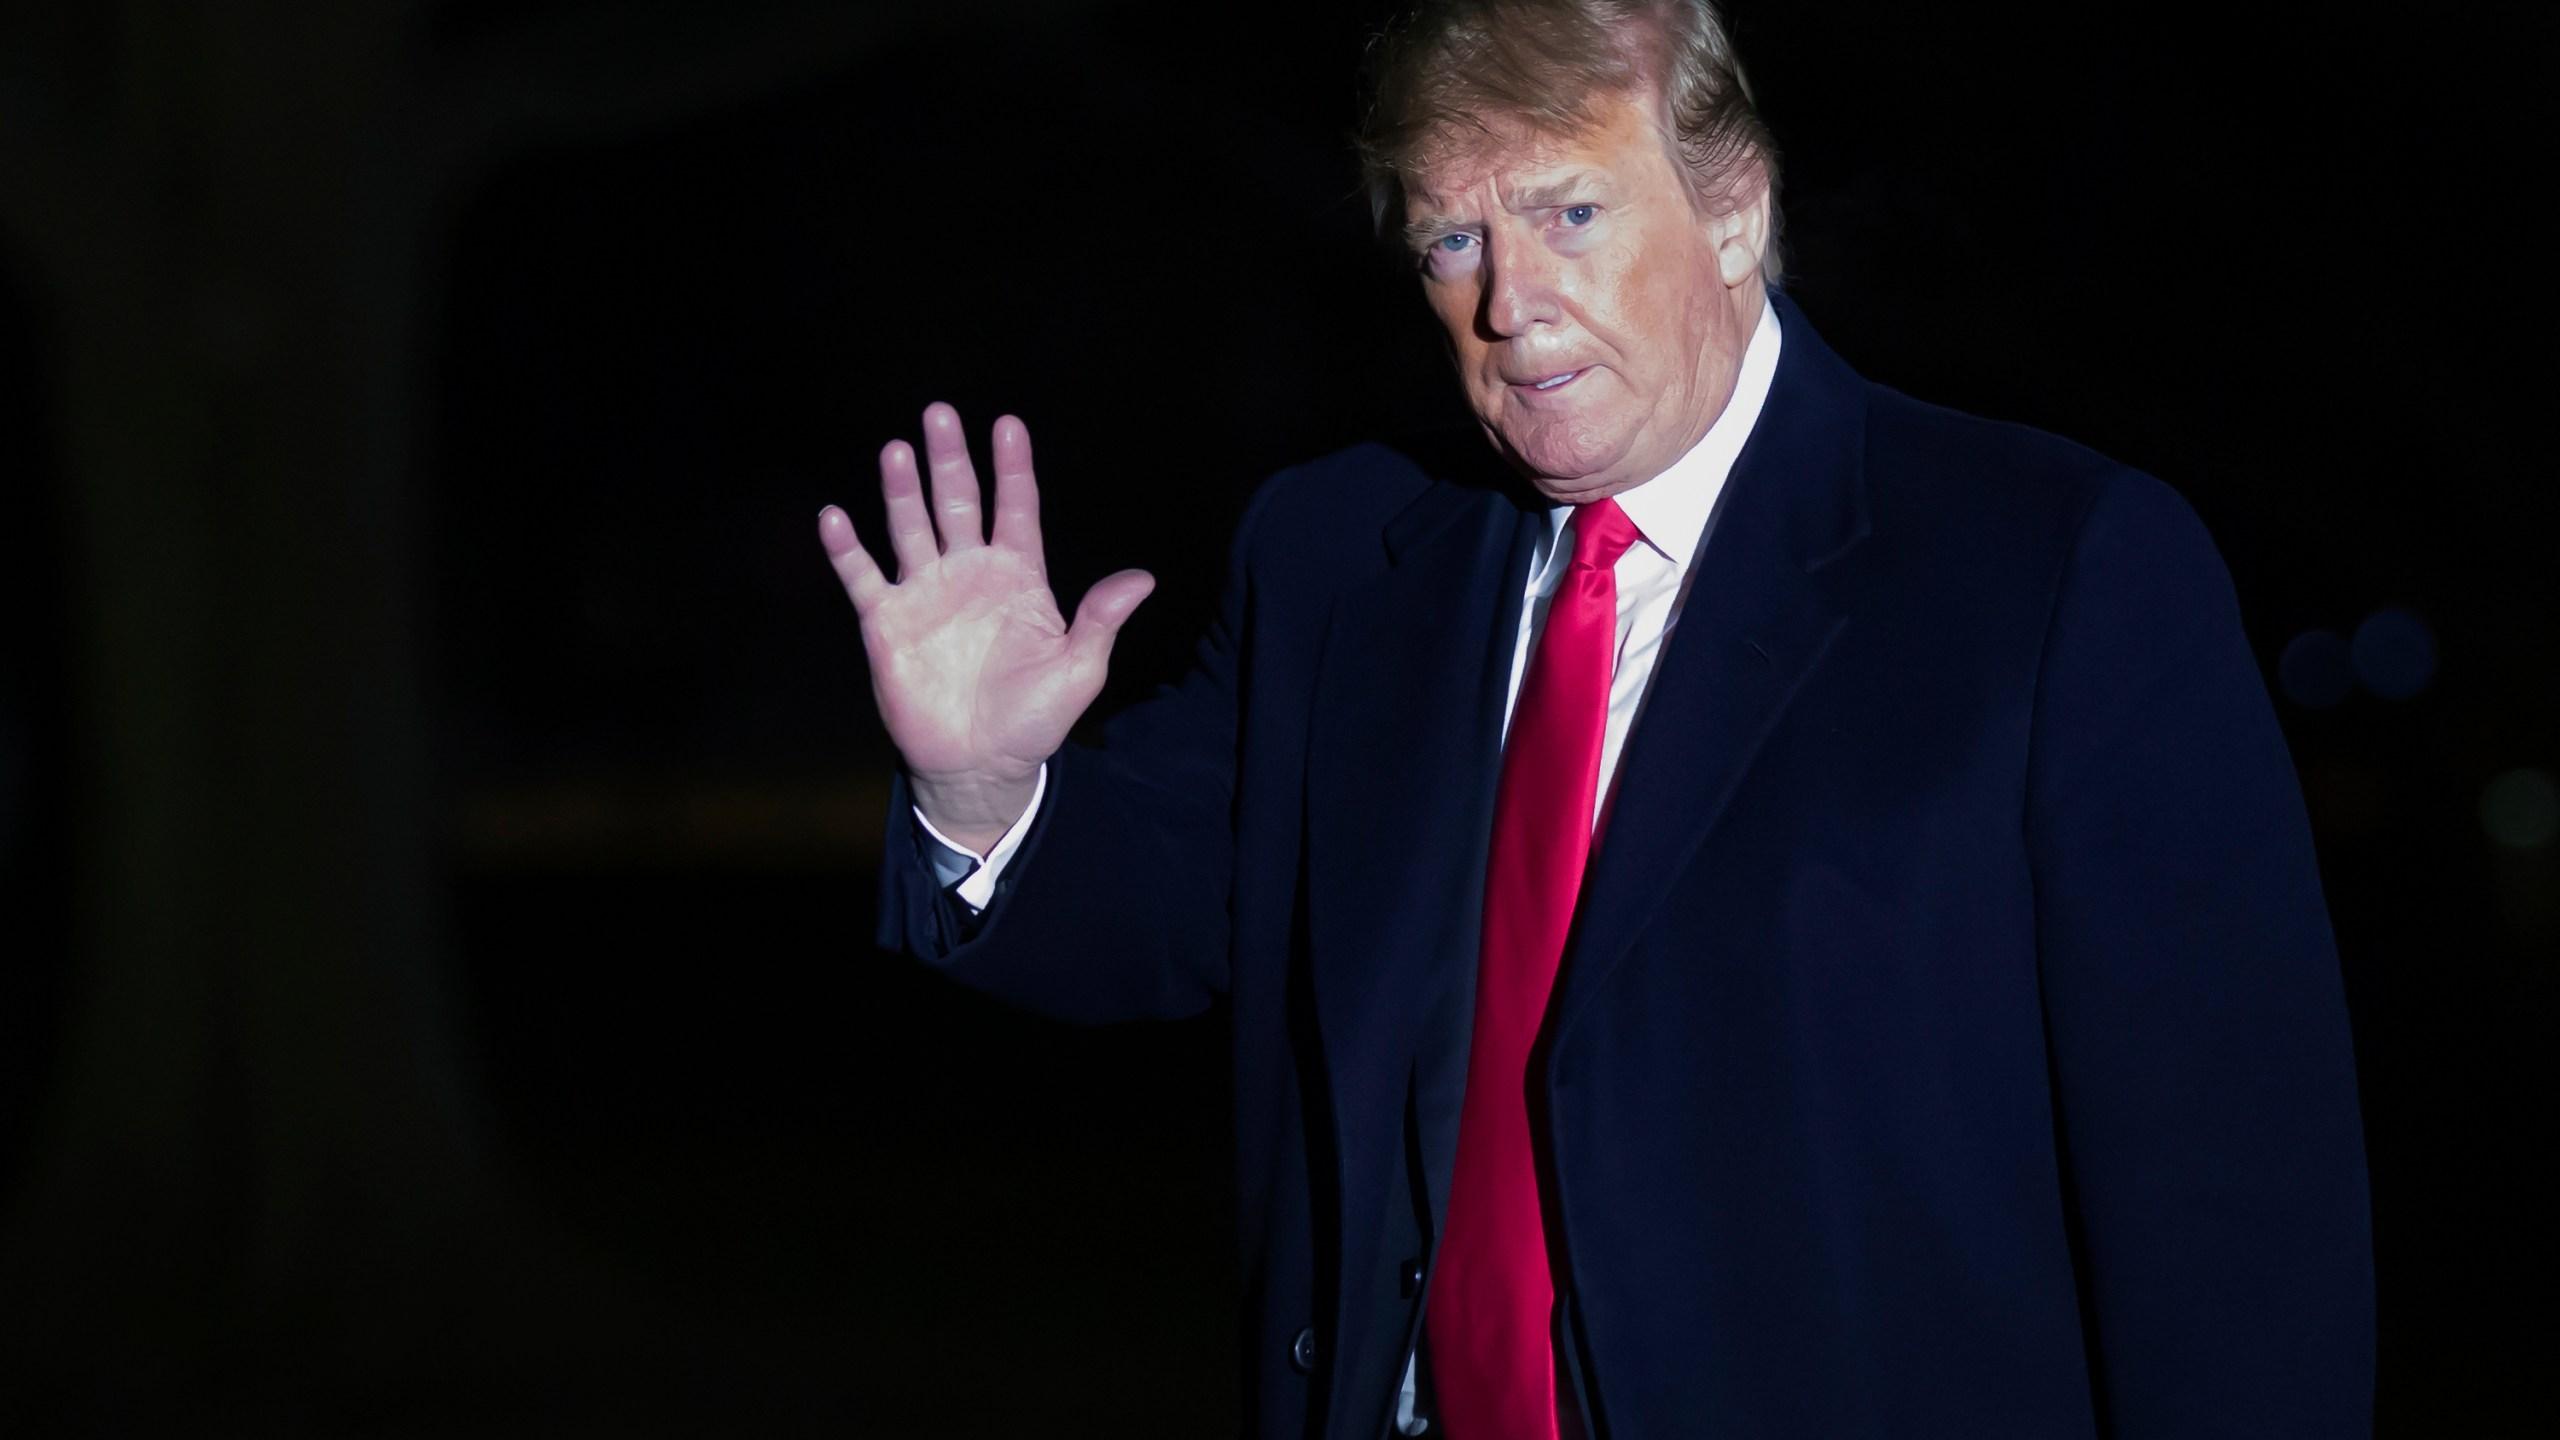 Trump_Inaugural_Probe_65725-159532.jpg80832309